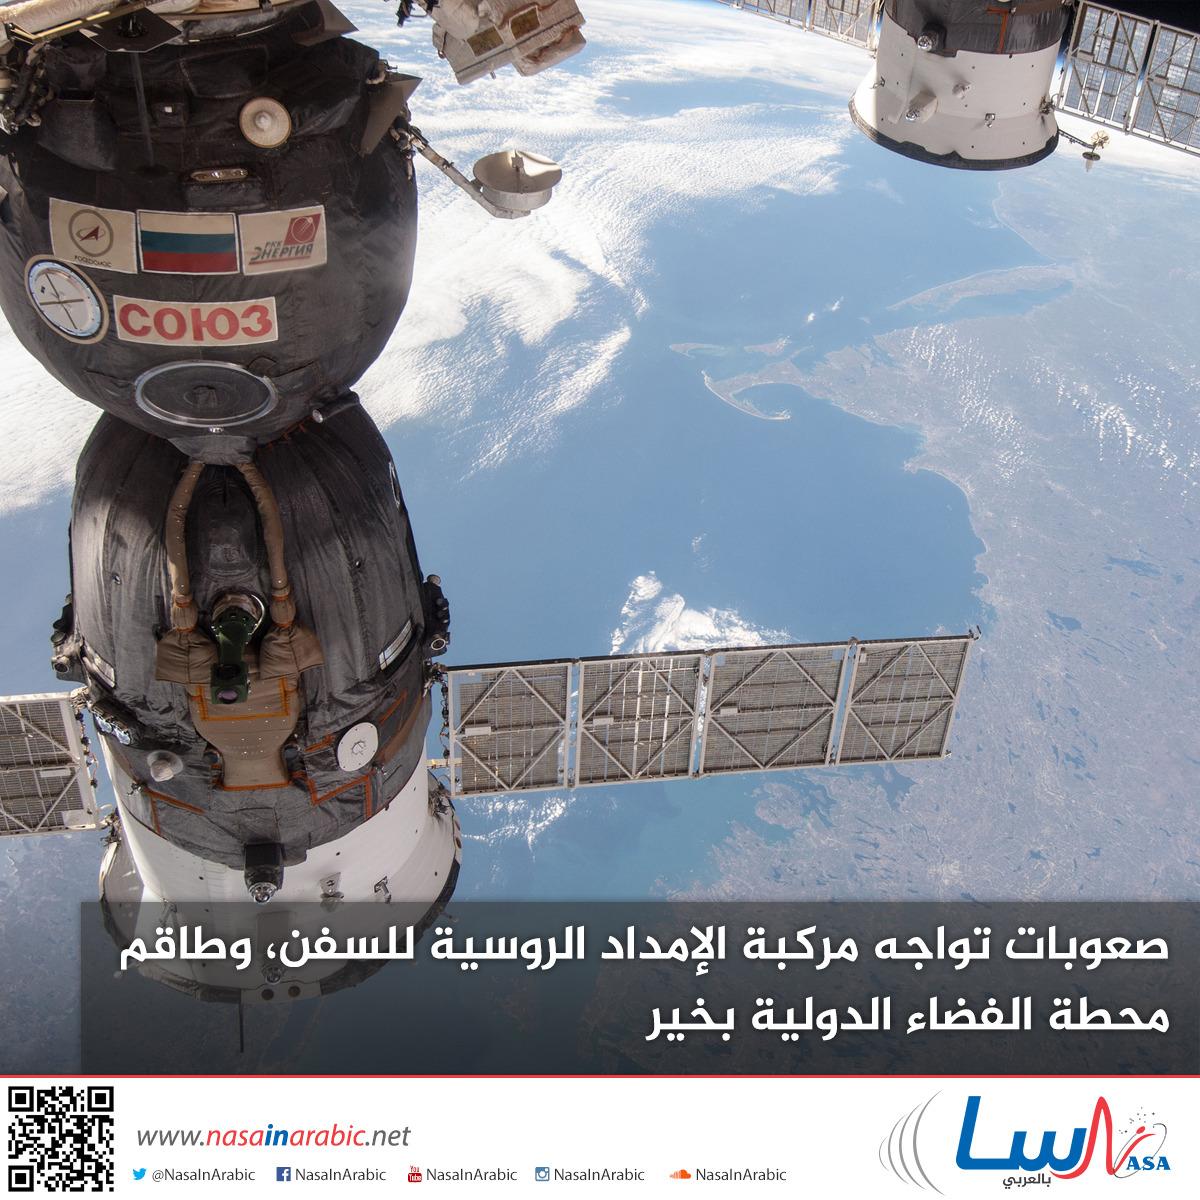 صعوبات تواجه مركبة الإمداد الروسية للسفن، وطاقم محطة الفضاء الدولية بخير